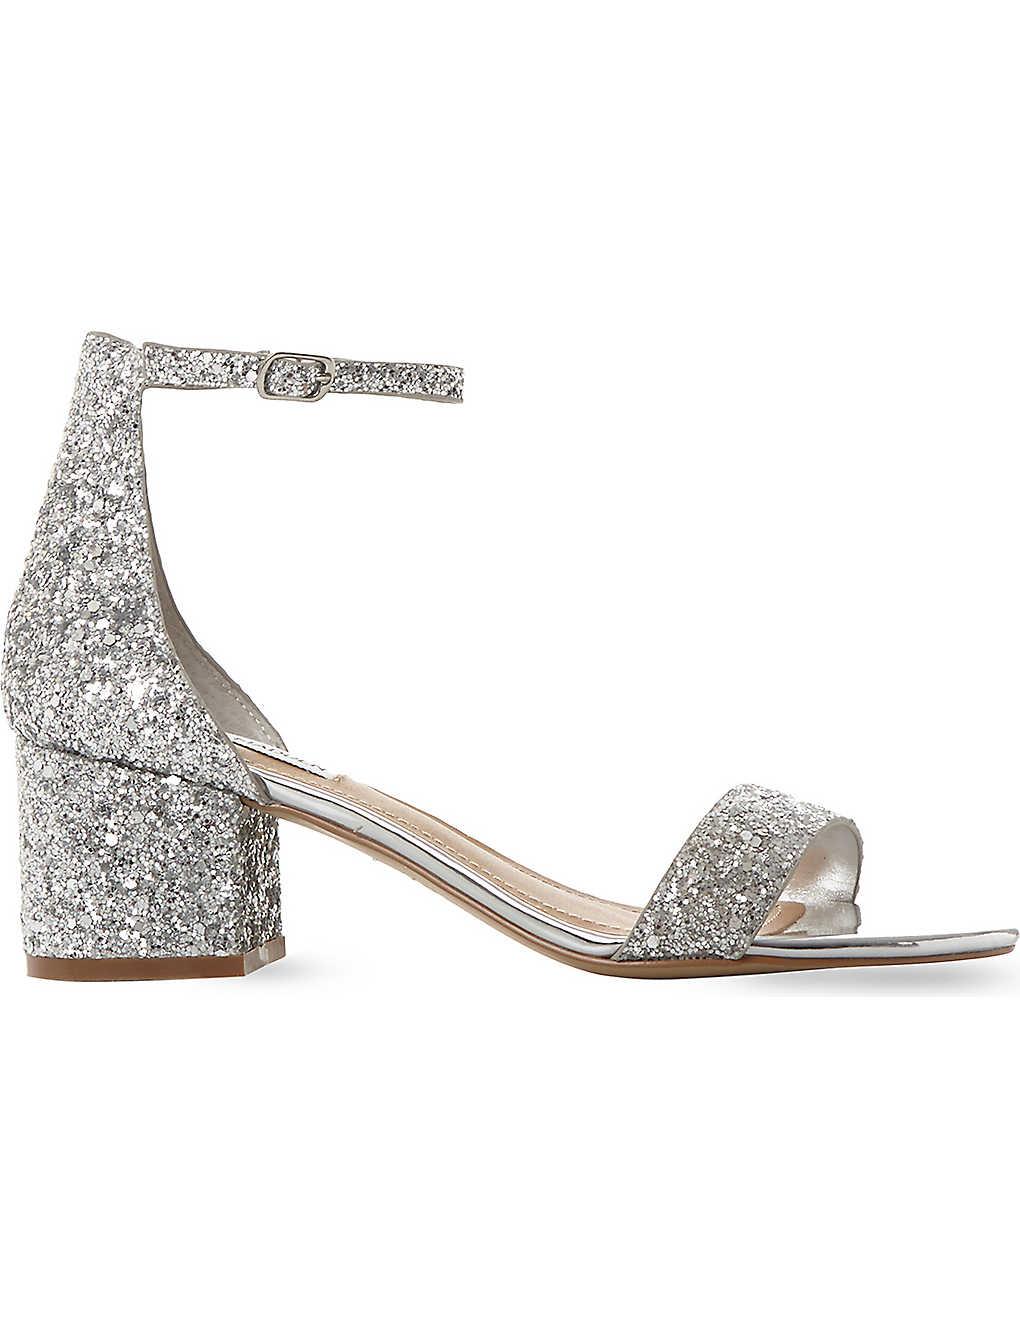 8aff91d7376 STEVE MADDEN - Irenee glitter block heel sandals   Selfridges.com